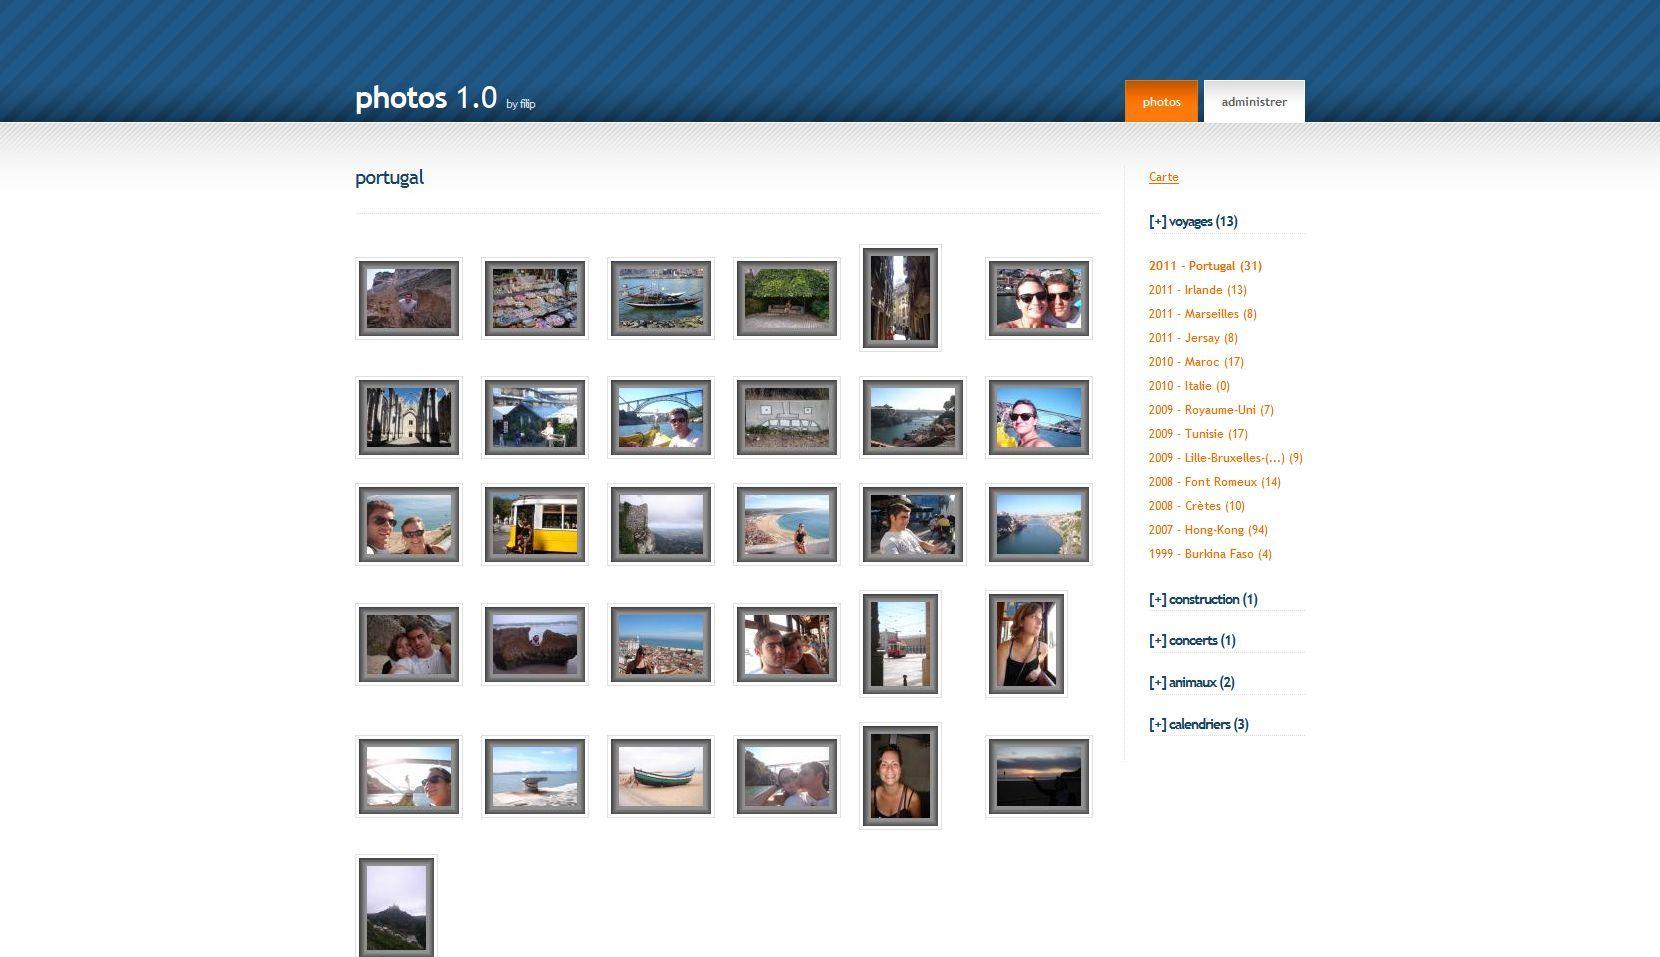 Photos 1.0